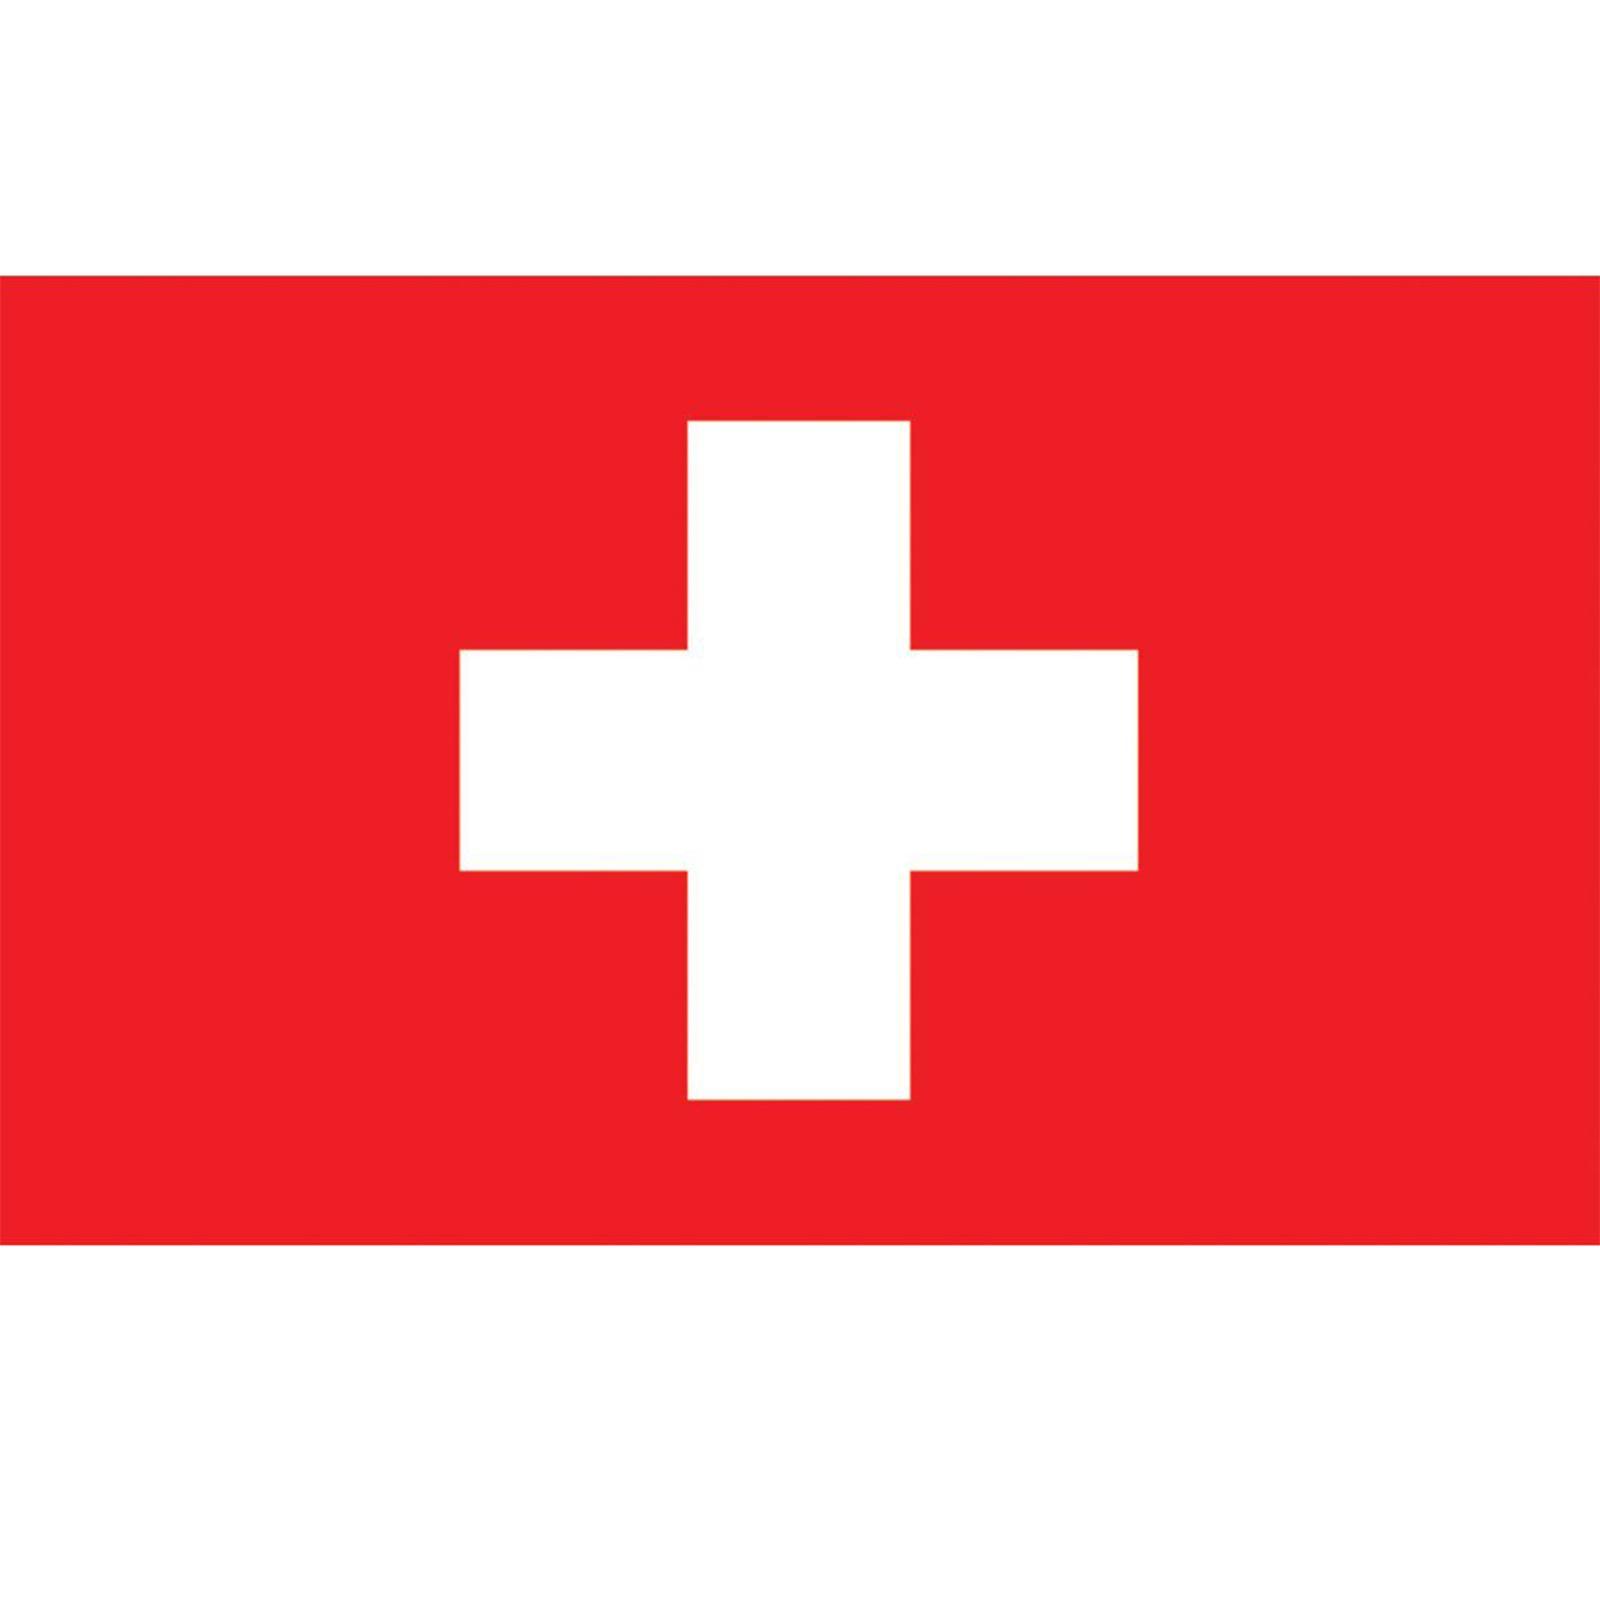 Weiß Rot Blaue Flagge: Flagge Schweizerkreuz Kaufen